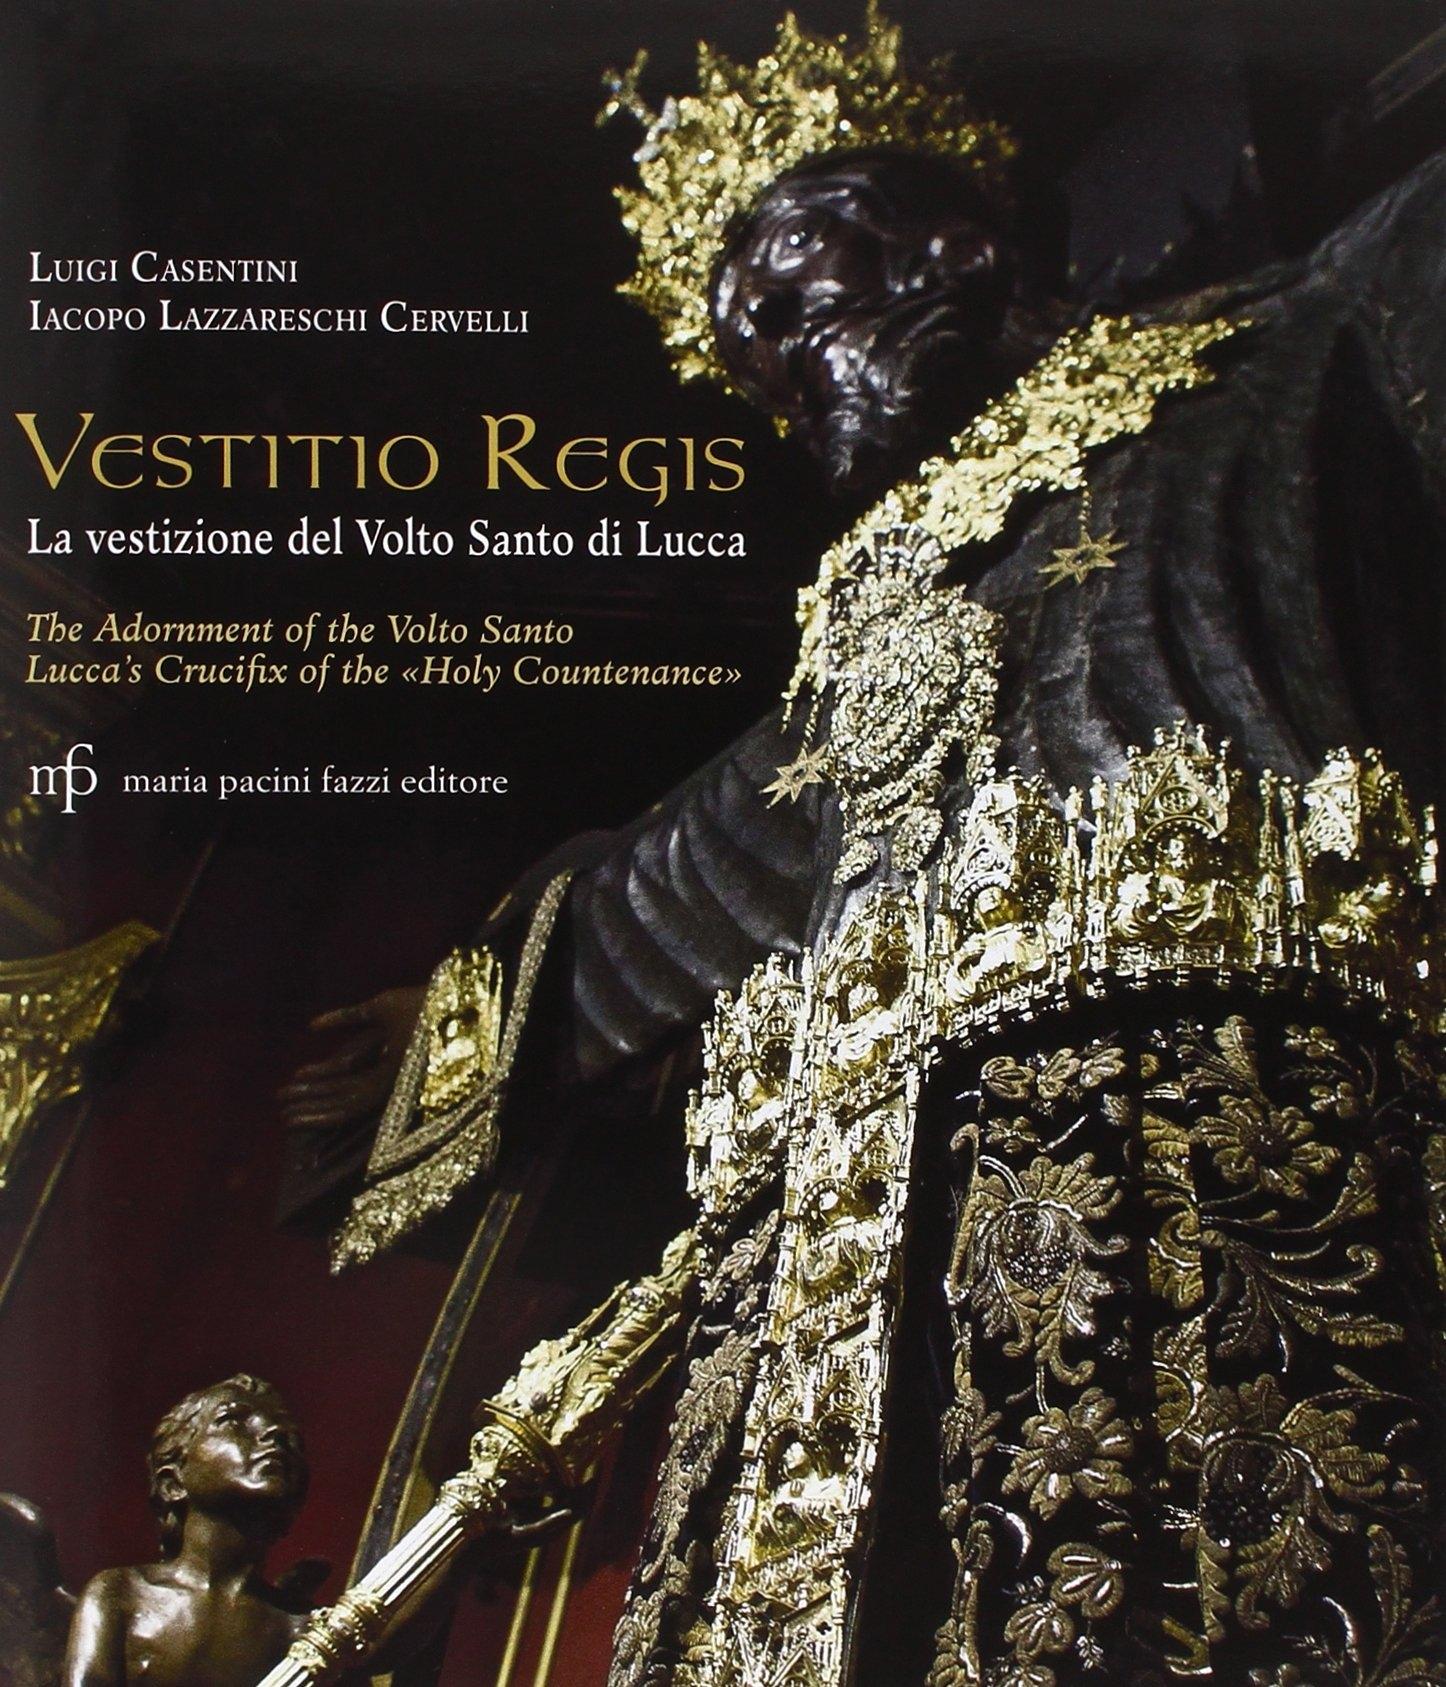 Vestitio Regis. La Vestizione del Volto Santo di Lucca. the Adorment of the Volto Santo. Lucca'S Crucifix of the Holy Countenance